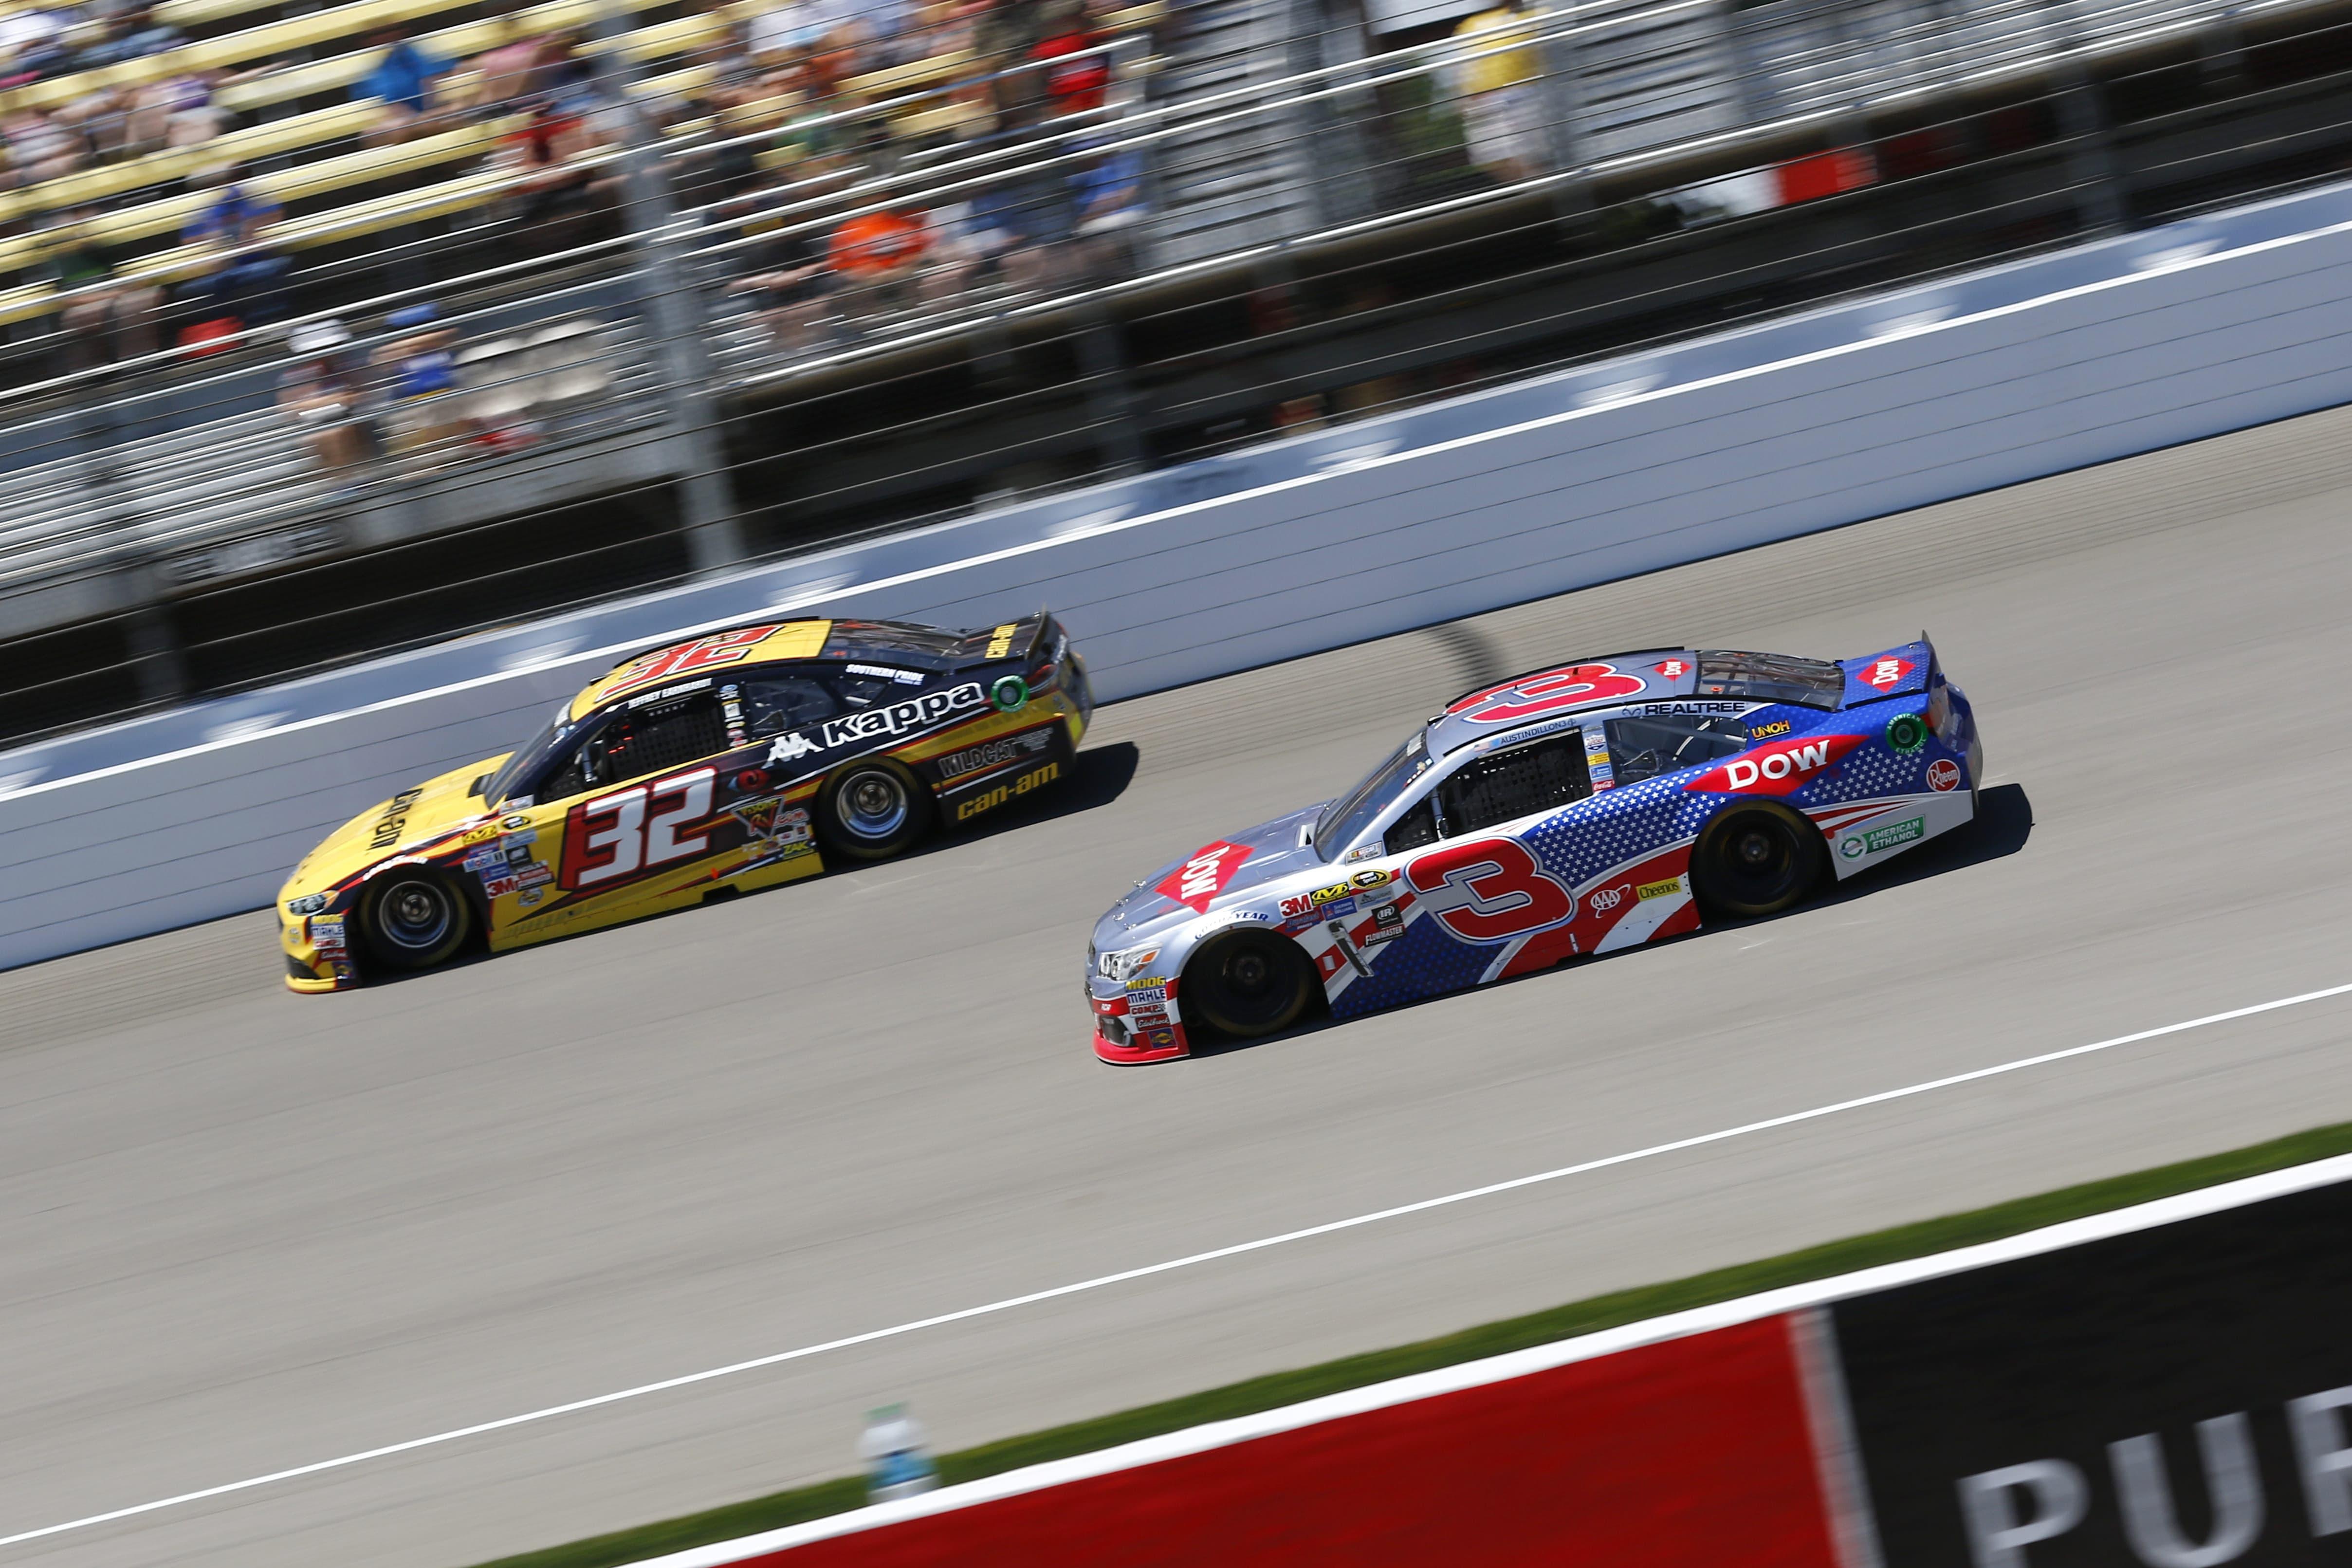 Race Photos - Jeffrey Earnhardt